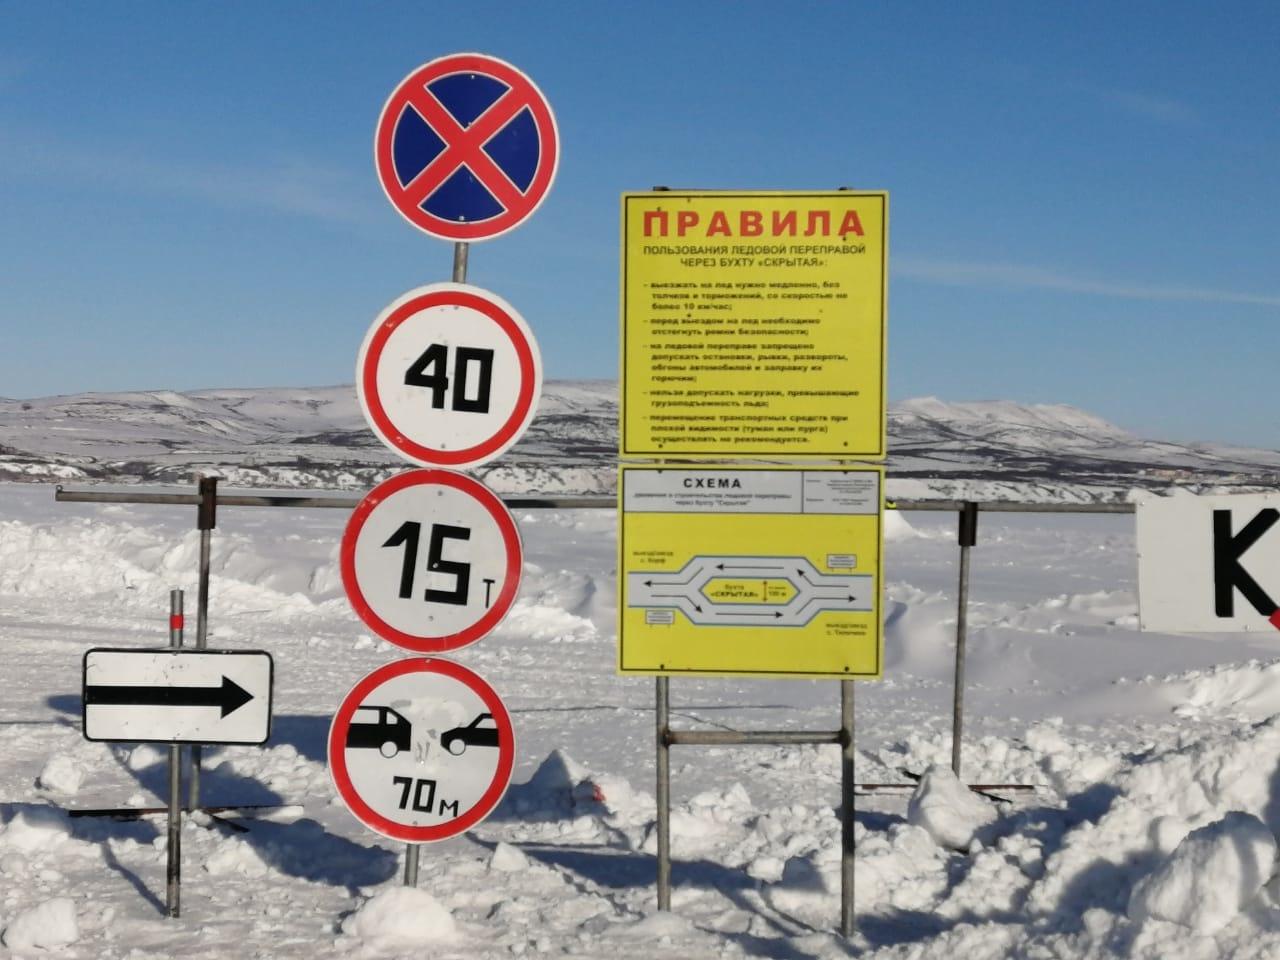 На Камчатке снизили грузоподъёмность на двух ледовых переправах